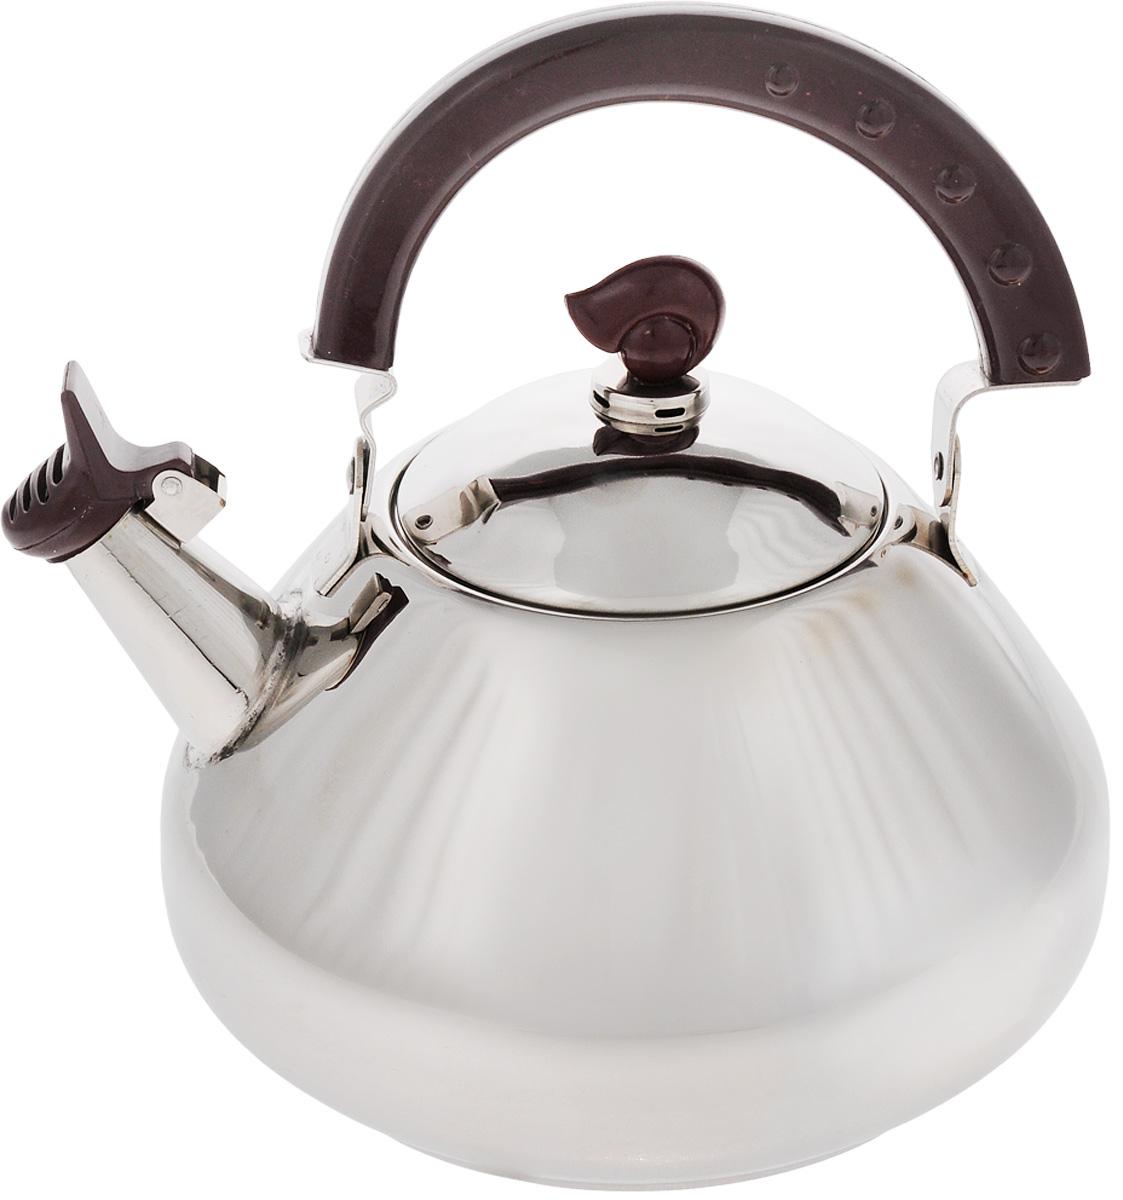 Чайник Mayer & Boch, со свистком, 2,6 л. 11011101Чайник Mayer & Boch изготовлен из высококачественной нержавеющей стали. Капсулированное дно с прослойкой из алюминия обеспечивает наилучшее распределение тепла. Носик чайника оснащен свистком, что позволит контролировать процесс подогрева или кипячения воды. Подвижная бакелитовая ручка имеет эргономичную форму, это дает дополнительное удобство при разлитии напитка. Чайник подходит для использования на всех типах плит, включая индукционные. Можно мыть в посудомоечной машине. Диаметр чайника по верхнему краю: 17,5 см. Высота чайника (без учета ручки и крышки): 11 см.